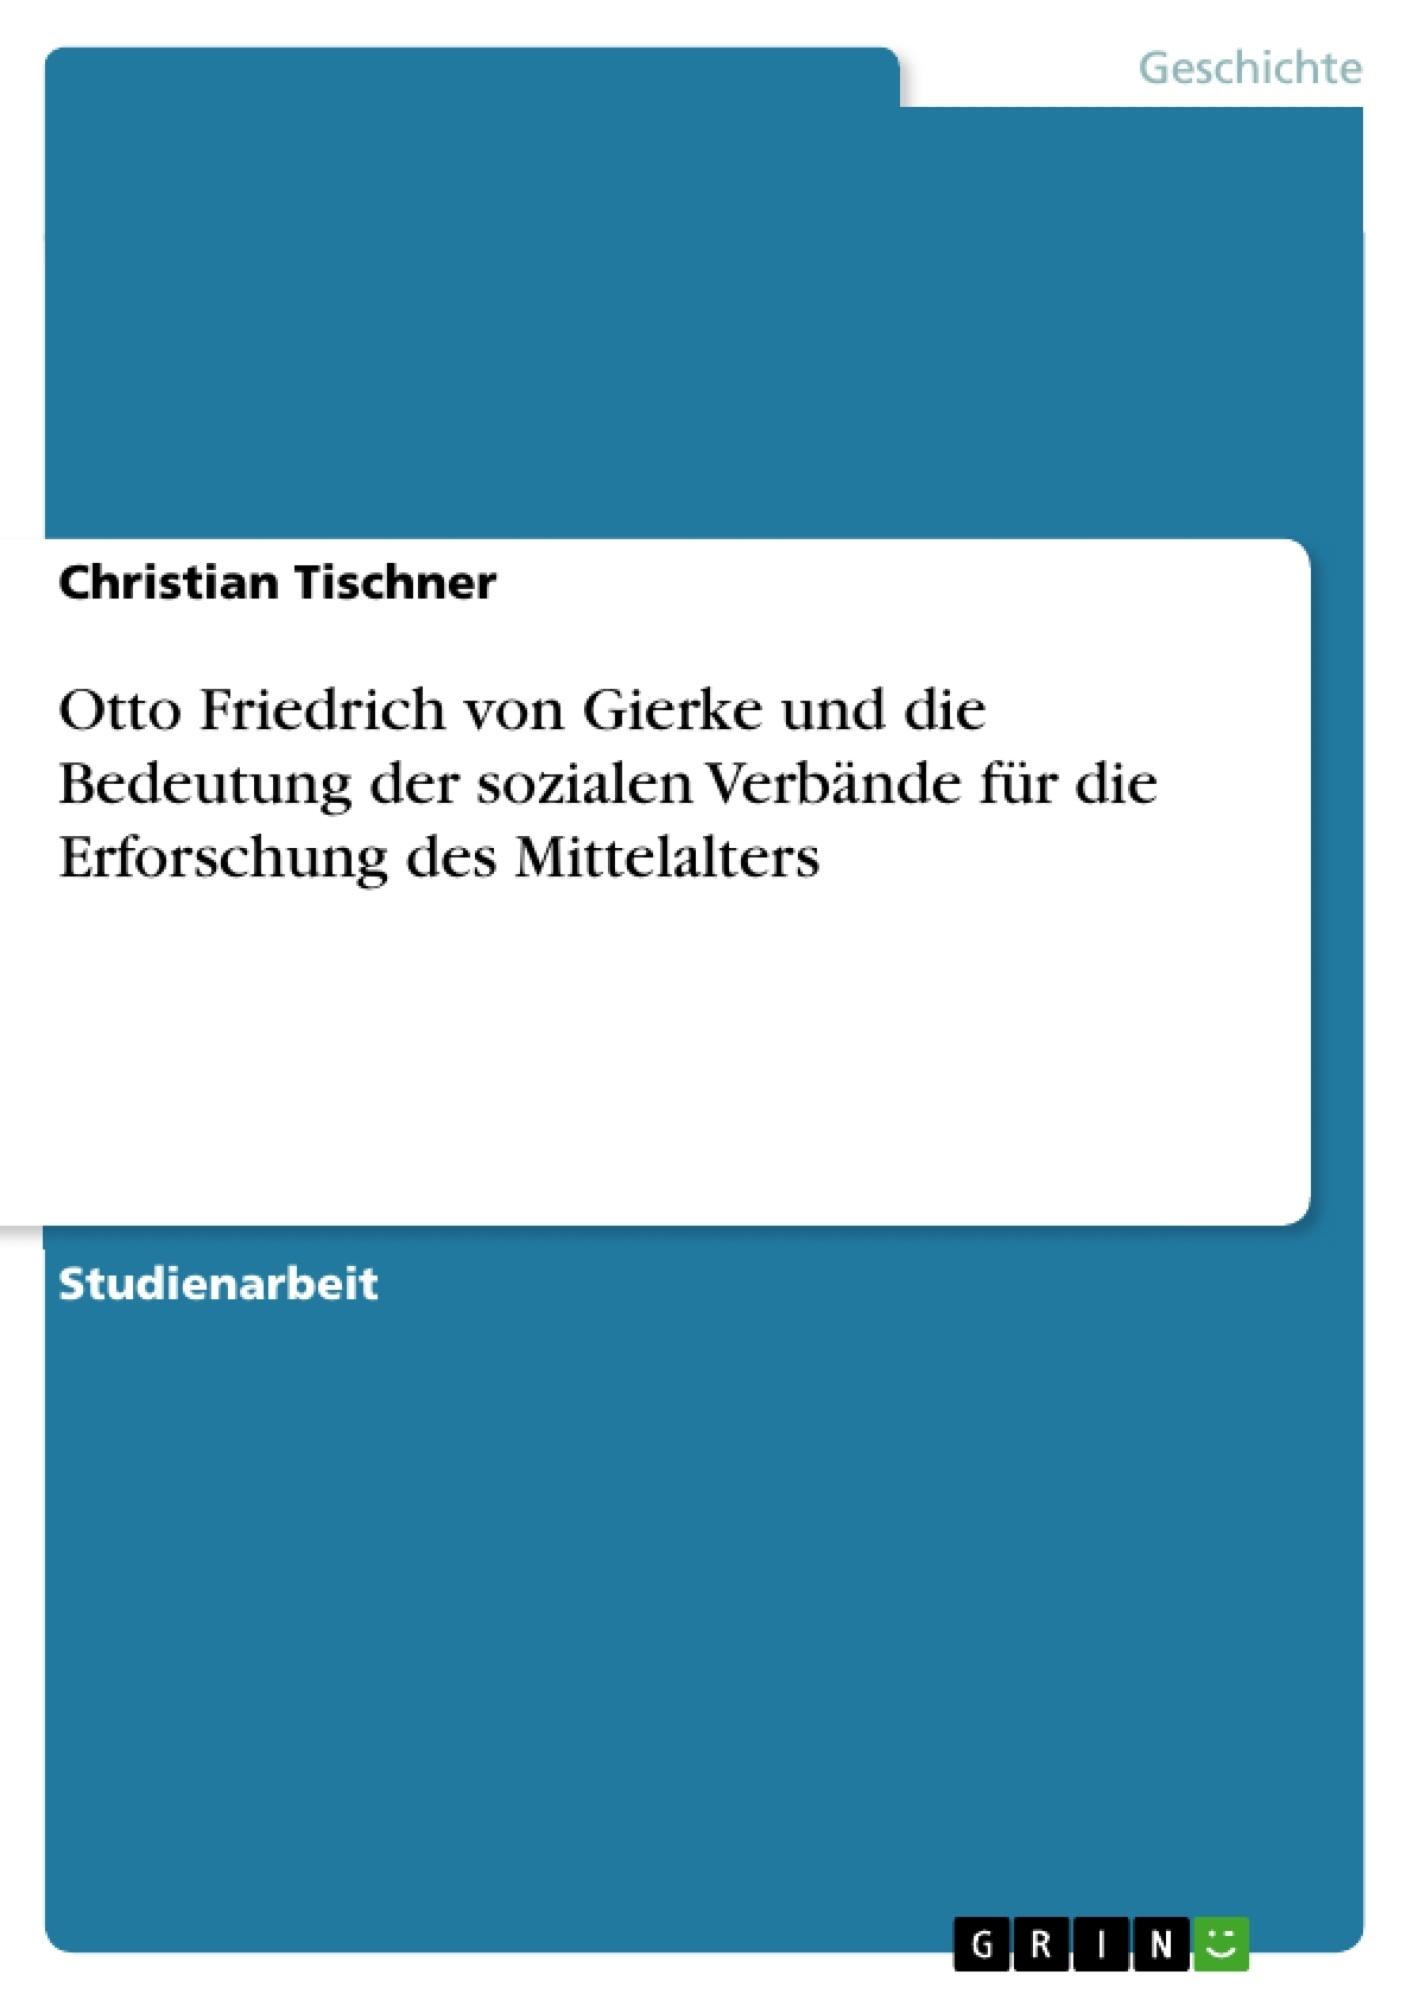 Titel: Otto Friedrich von Gierke und die Bedeutung der sozialen Verbände für die Erforschung des Mittelalters